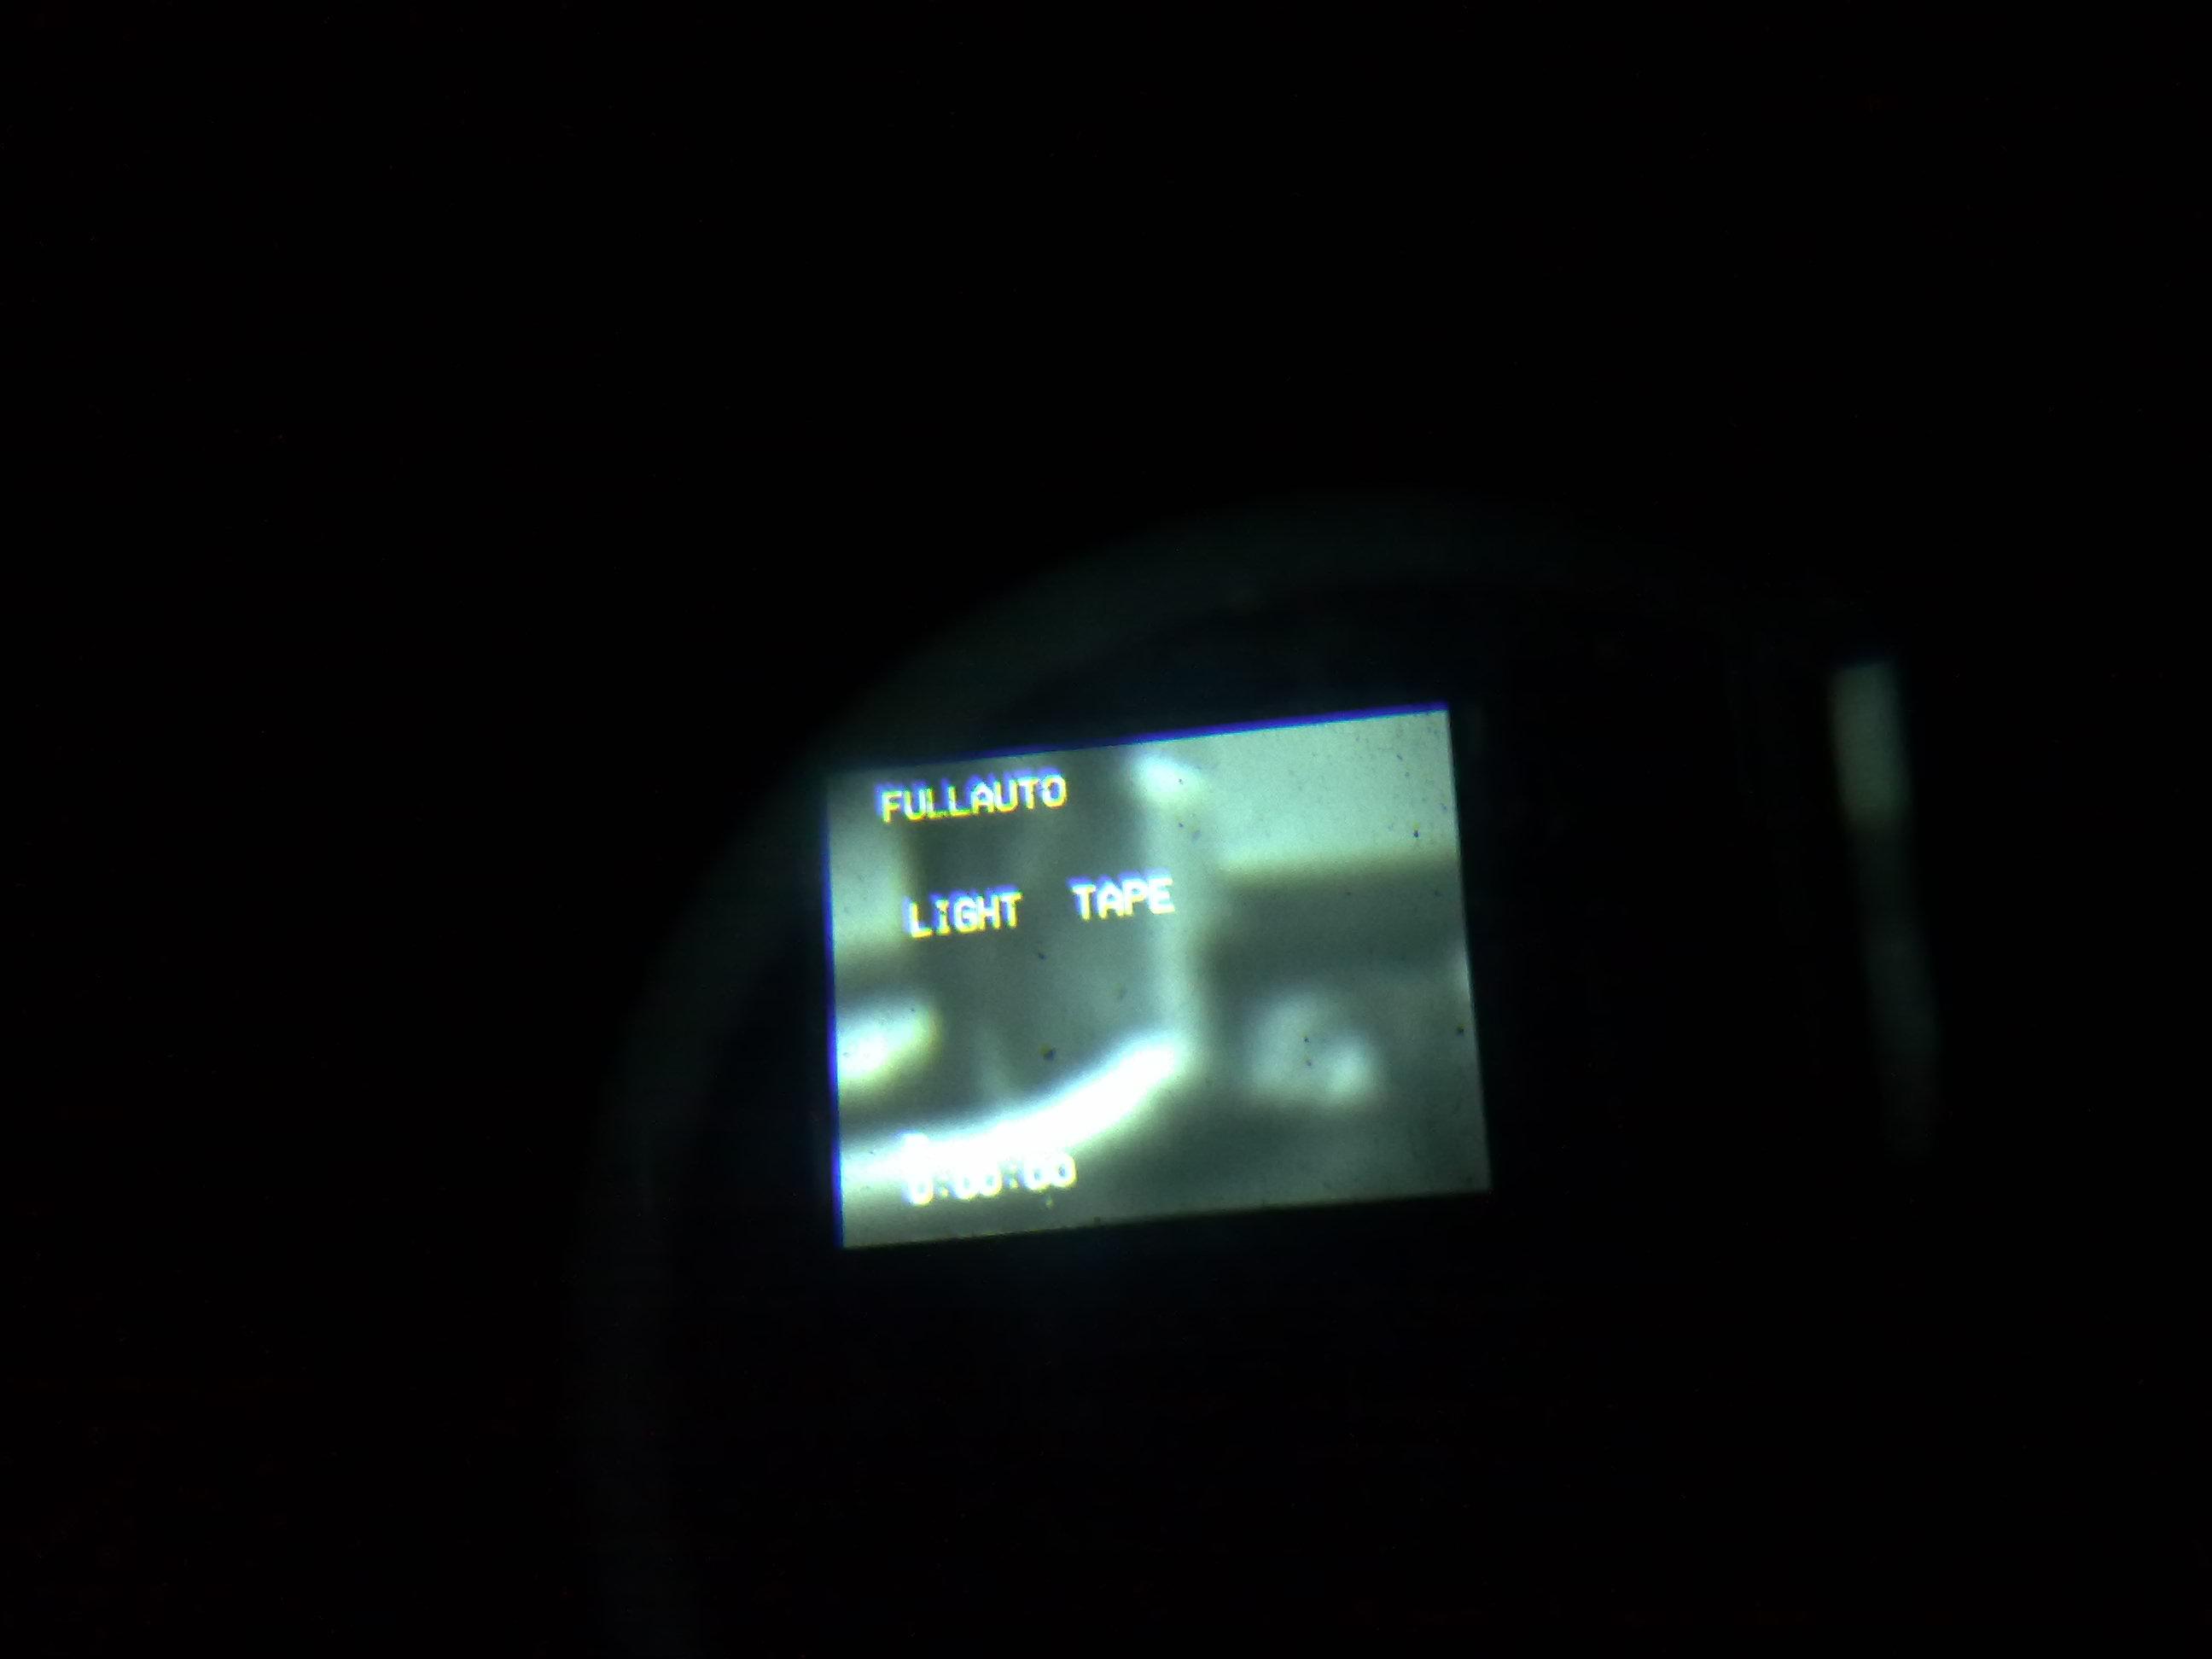 [WYCENA]Kamera VHS Sharp VL-L270U wycena!